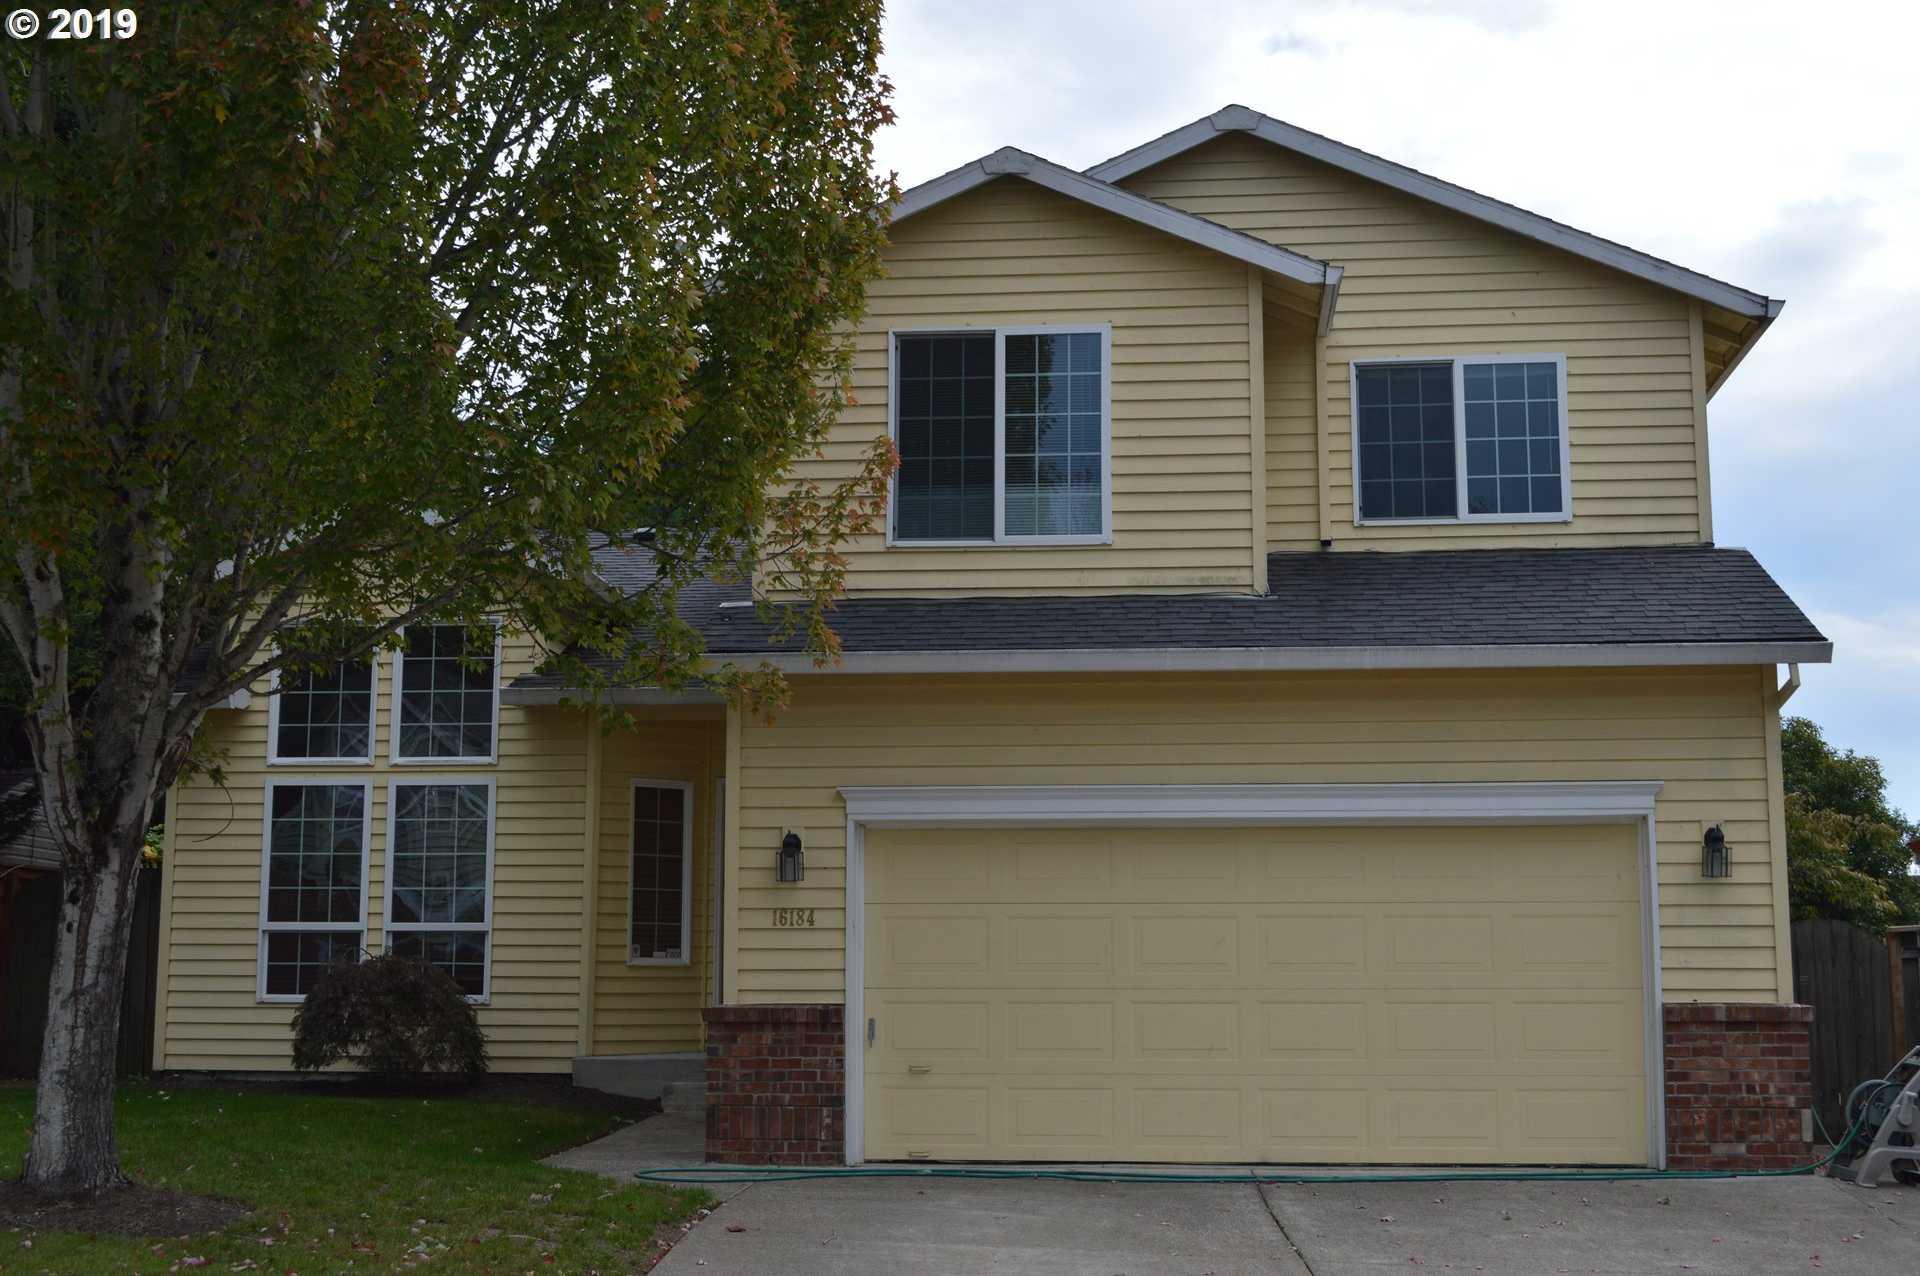 $534,900 - 5Br/3Ba - for Sale in Springville Meadows, Portland